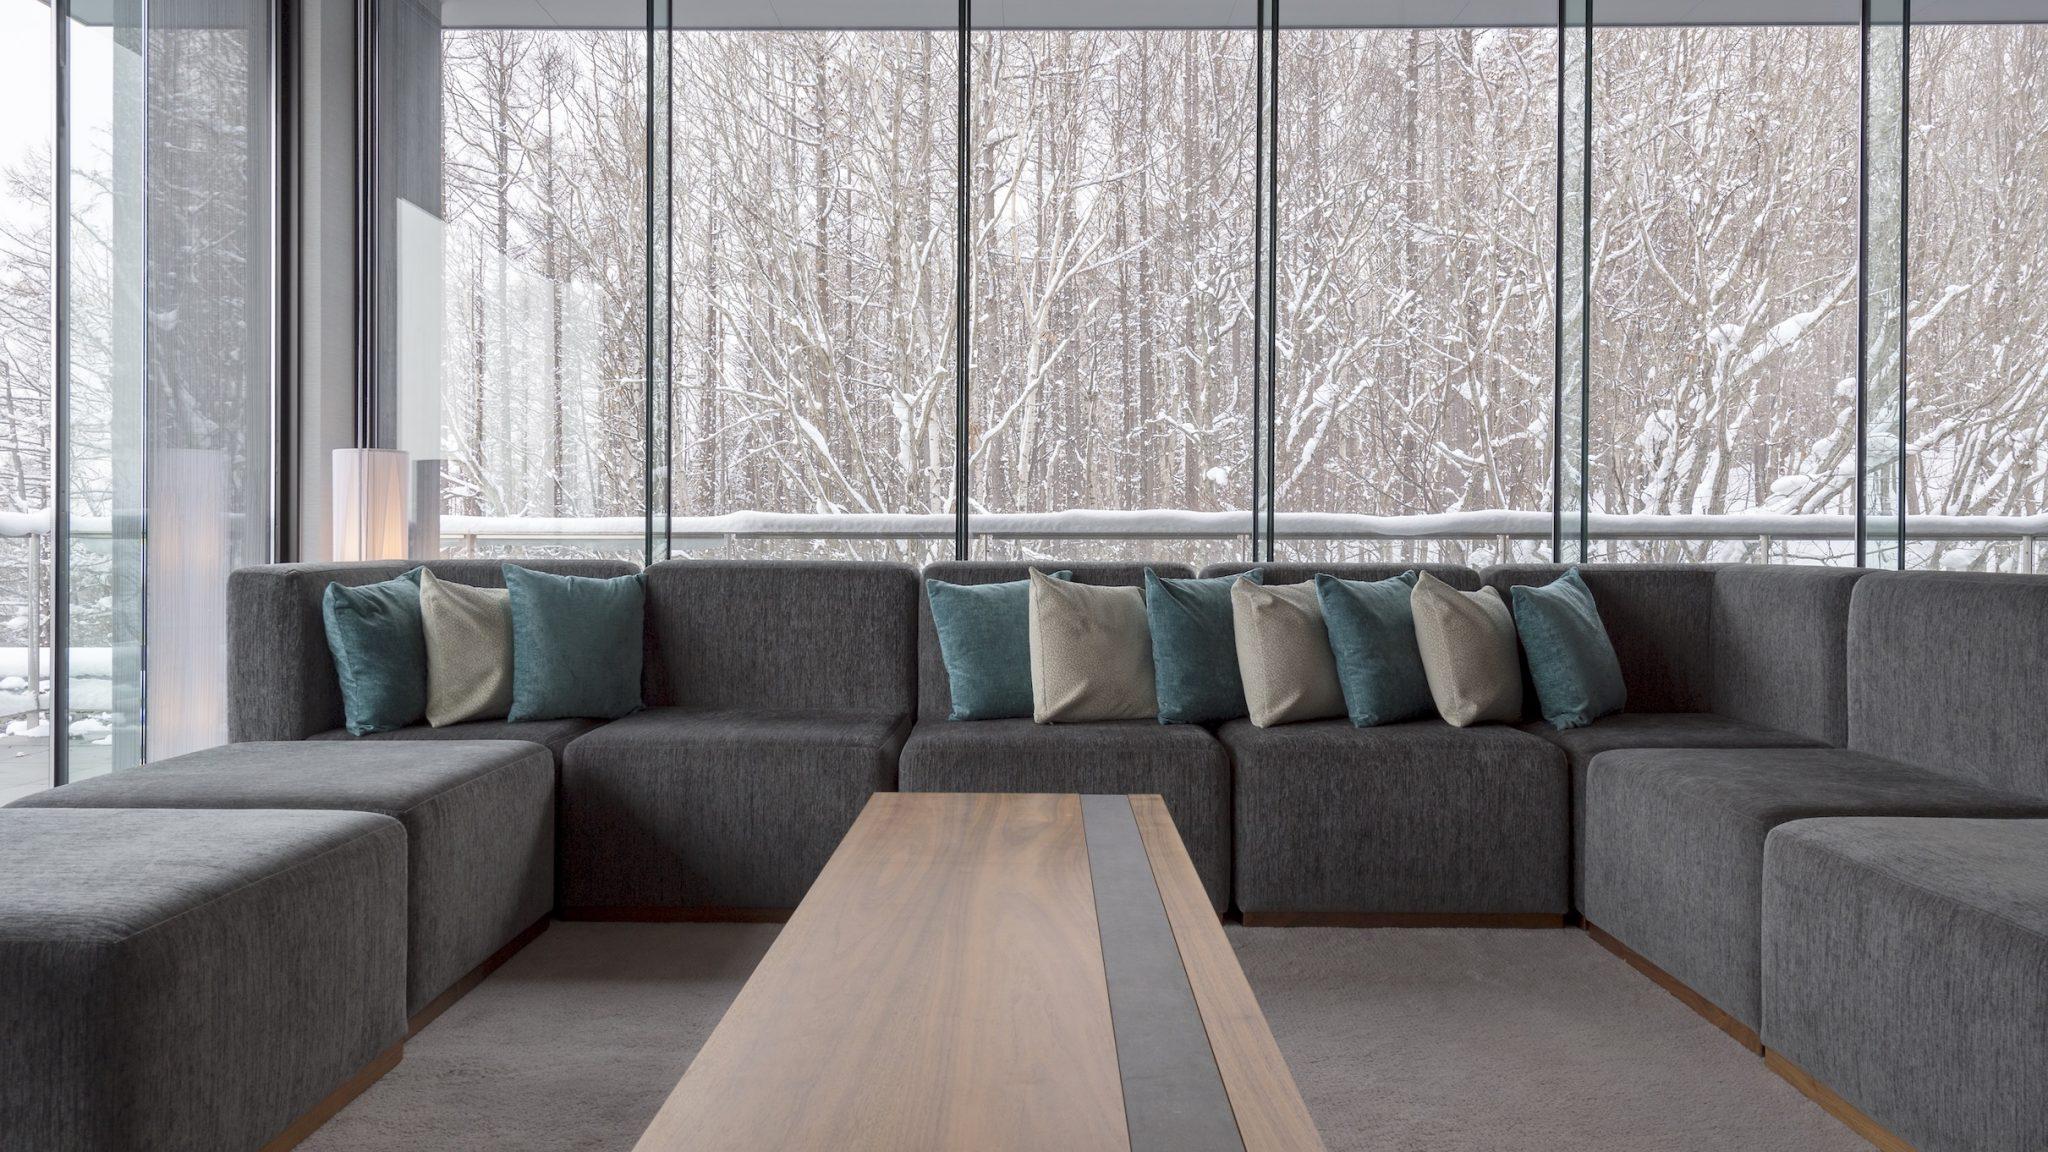 aya-niseko-penthouse-b-winter-2